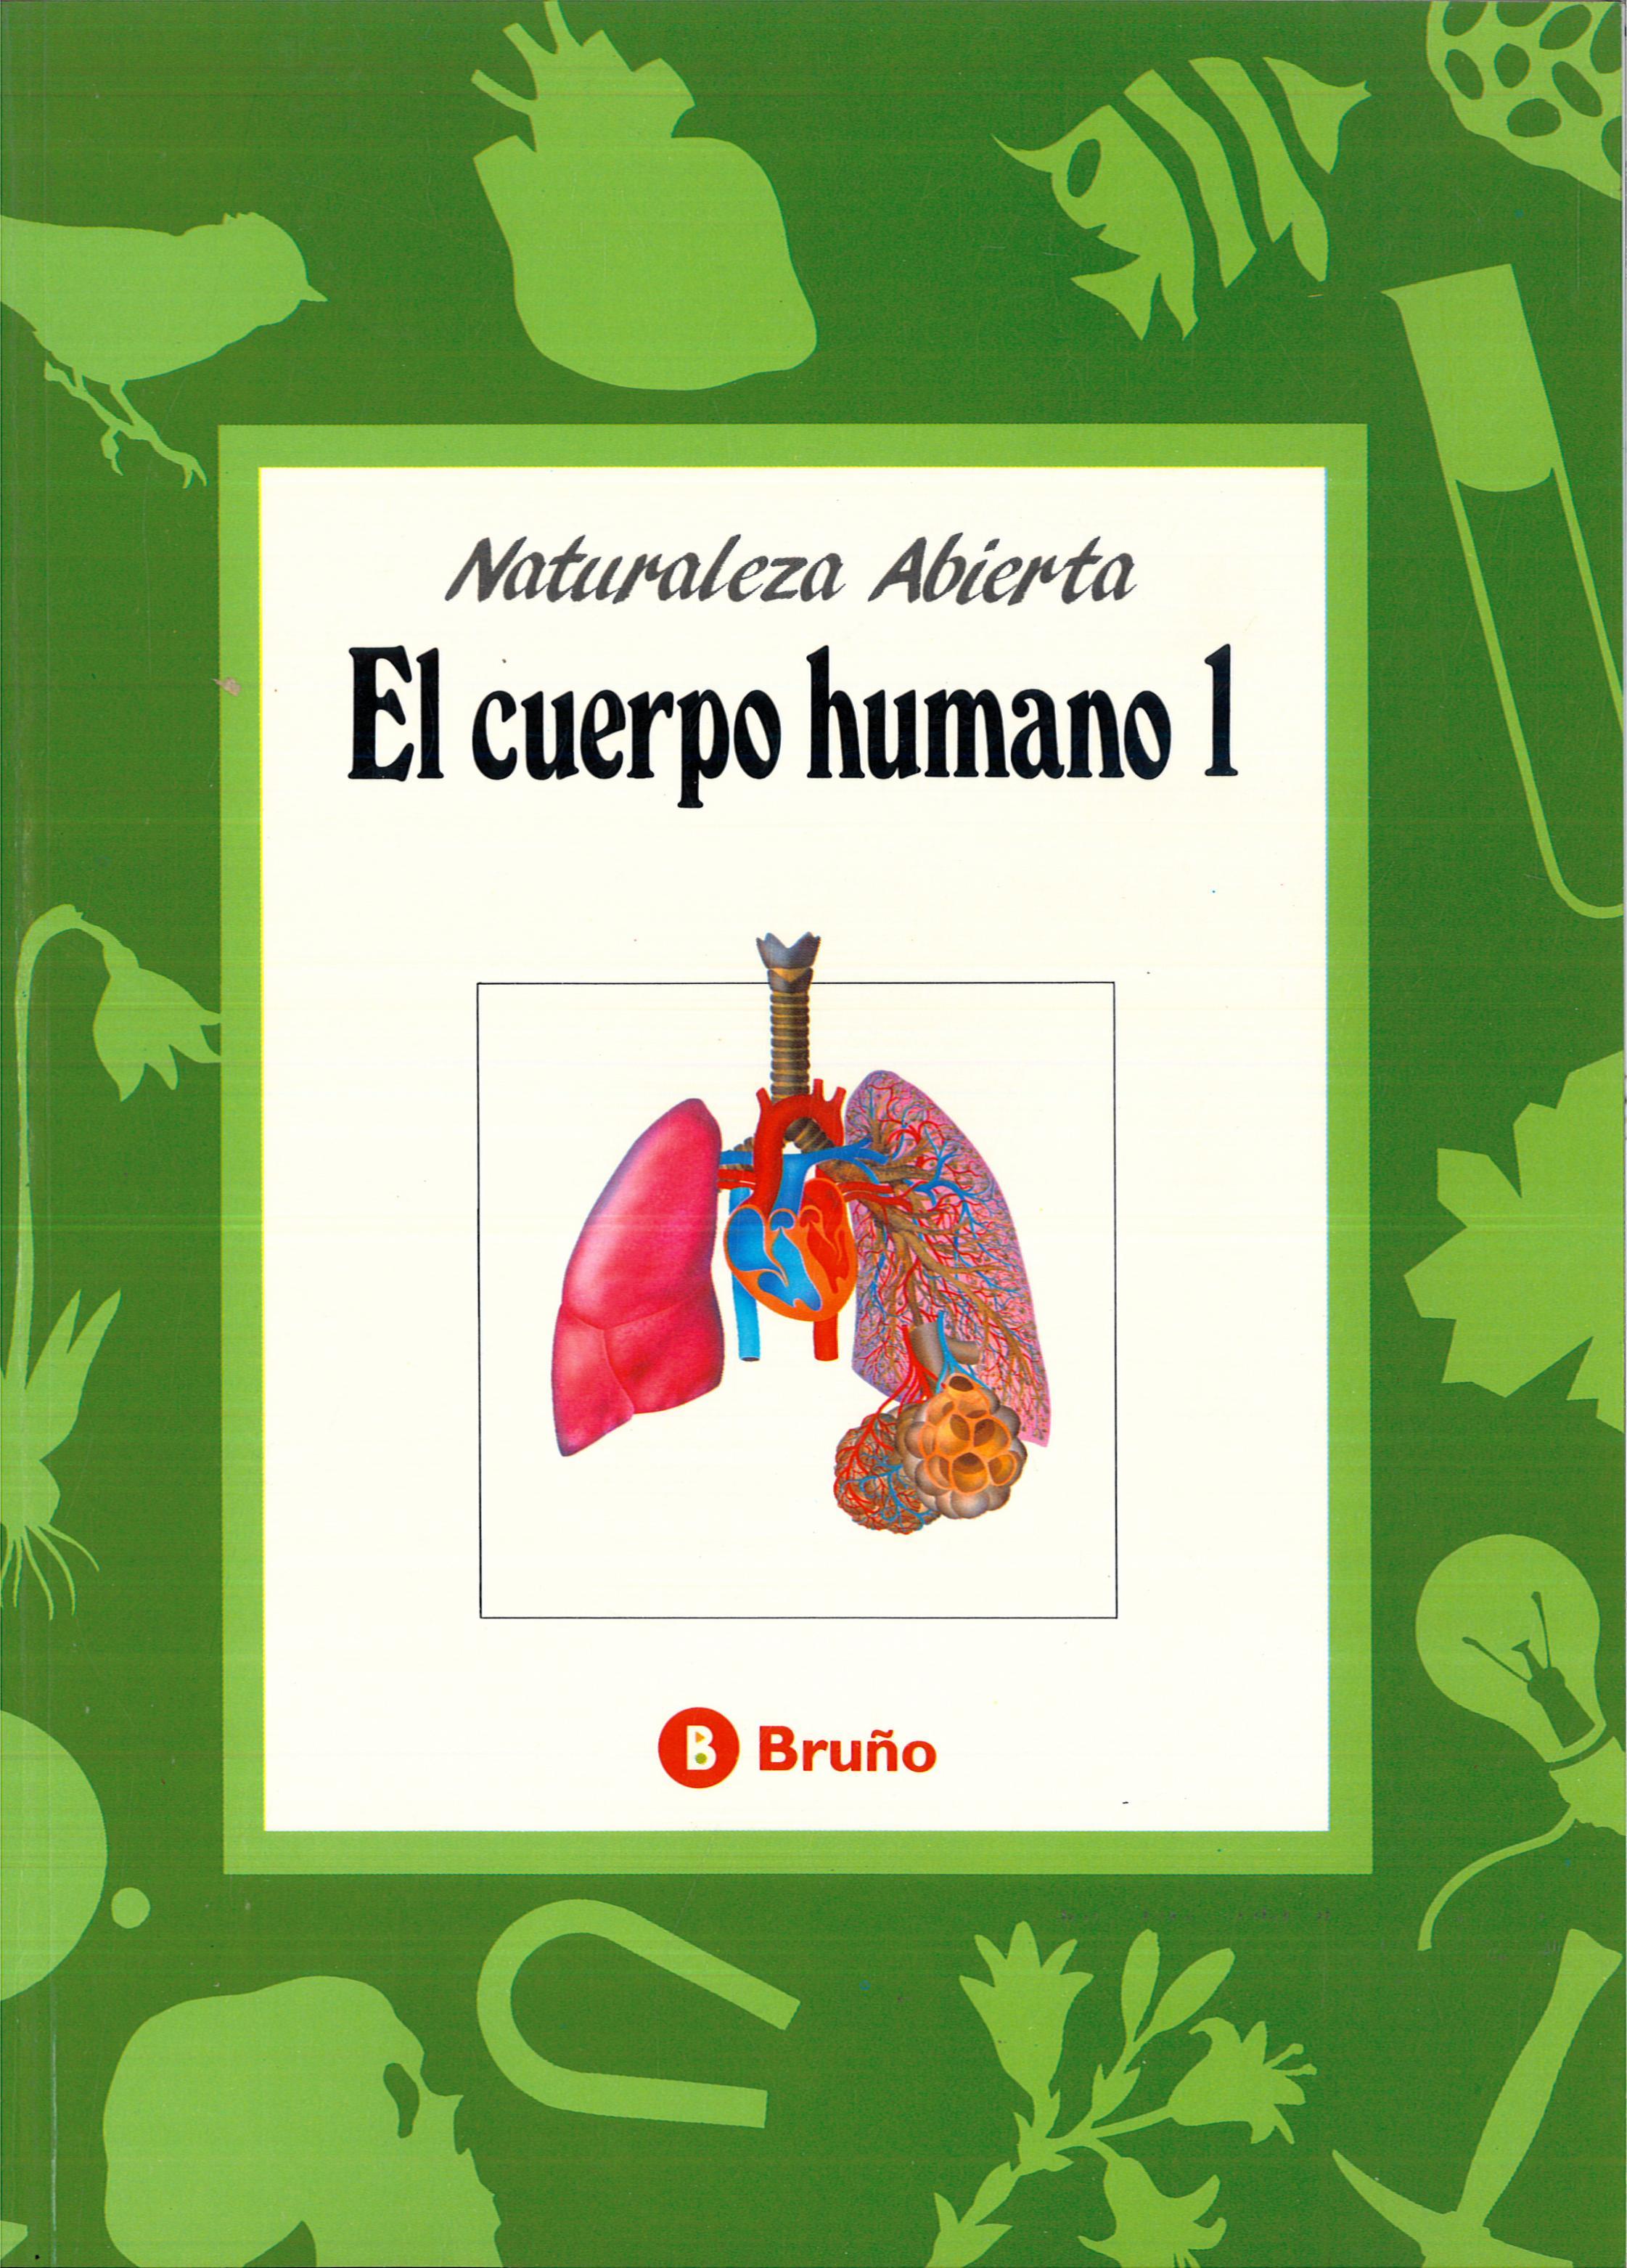 EL CUERPO HUMANO 1. Carlos Valero y Amelia Valero (1992)